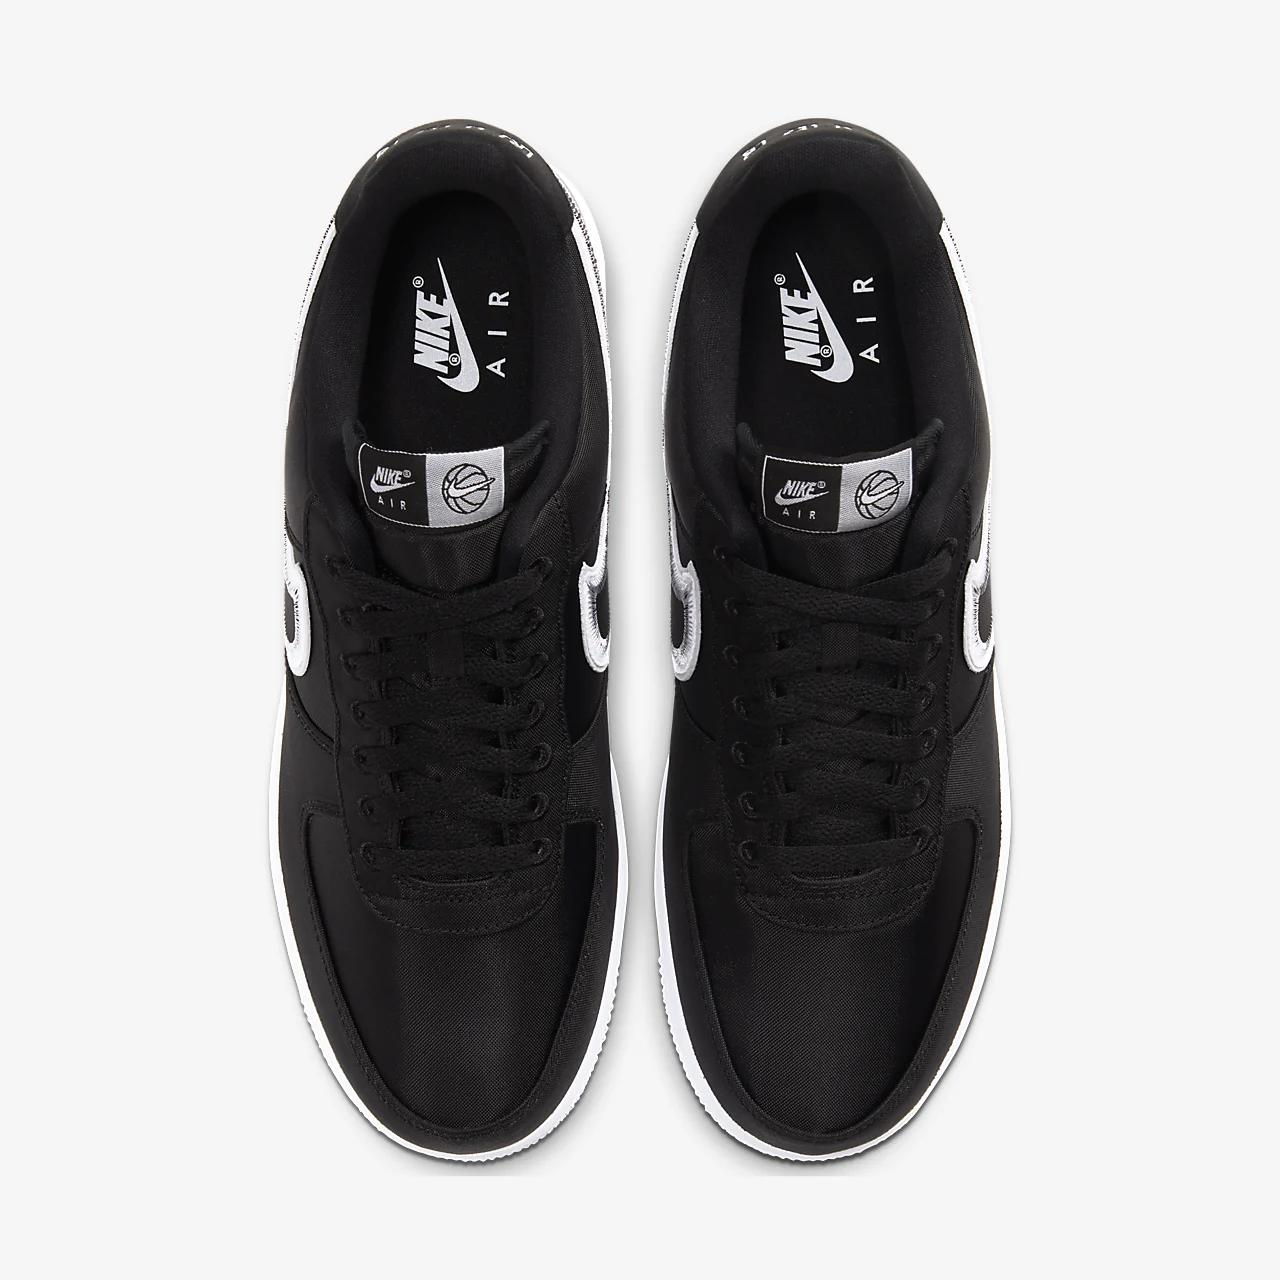 유럽직배송 나이키 NIKE Nike Air Force 1 '07 LV8 Men's Shoe CD0886-001